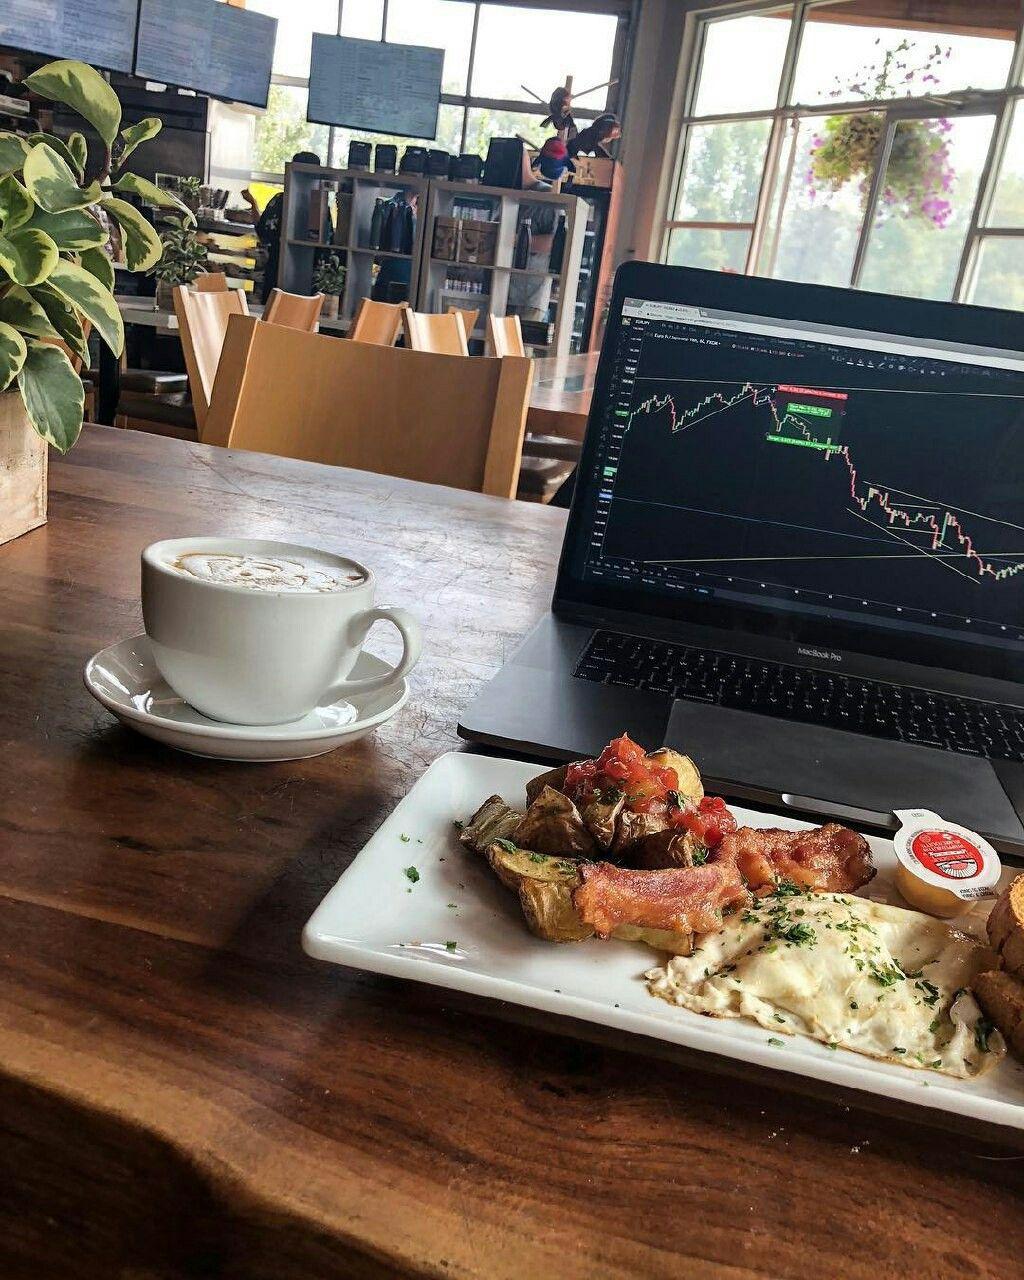 binary options trading platform demo account praktek perdagangan opsi biner